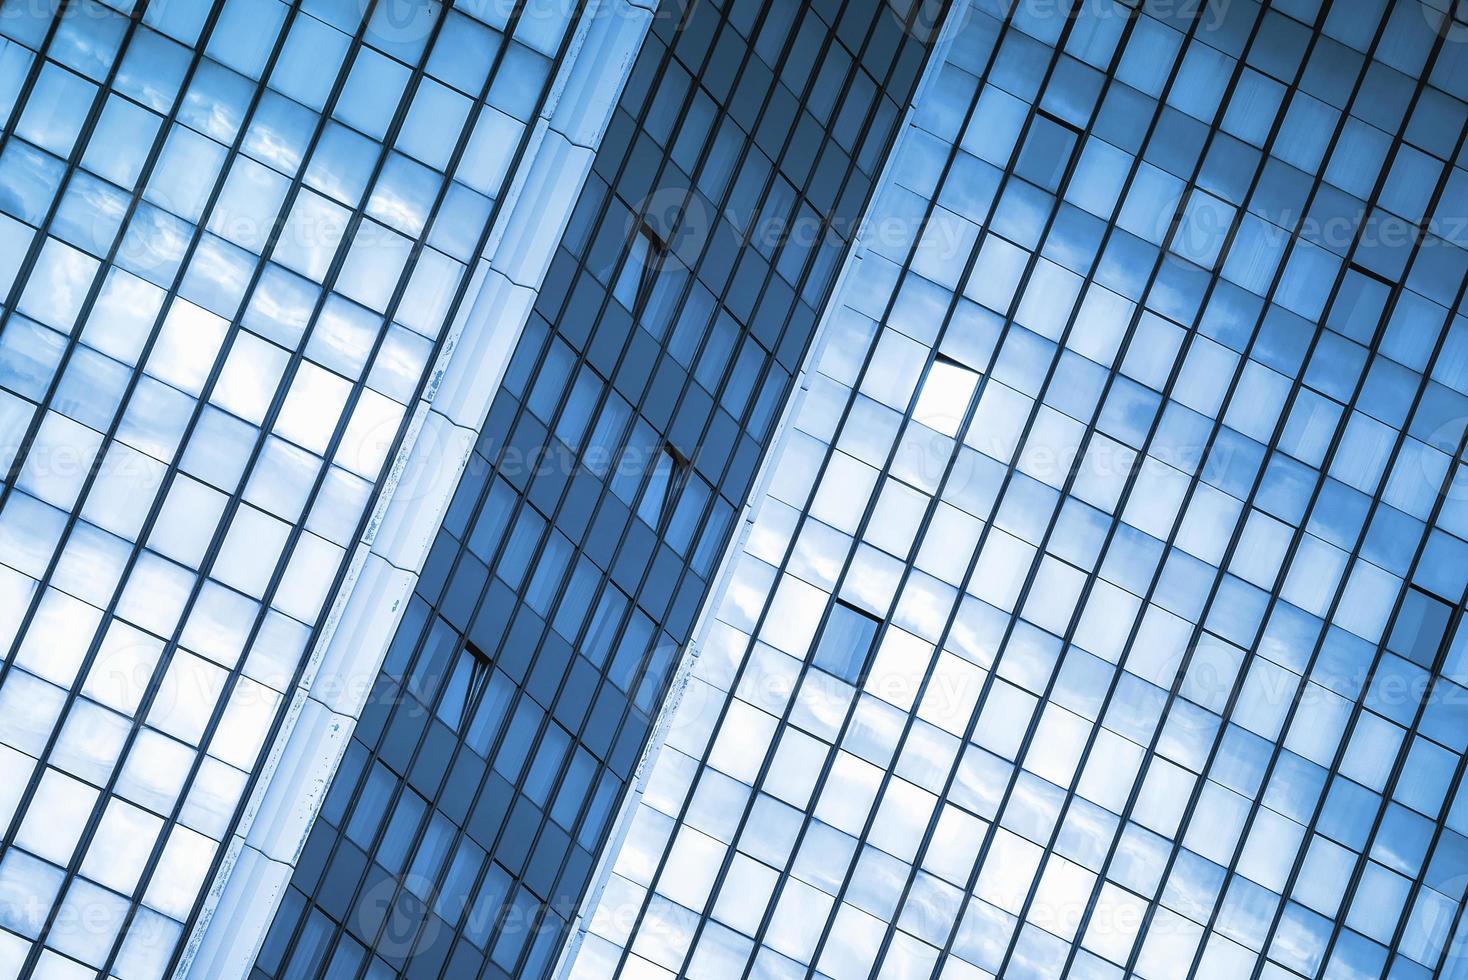 moden ripetitivo delle finestre dell'edificio per uffici di affari foto